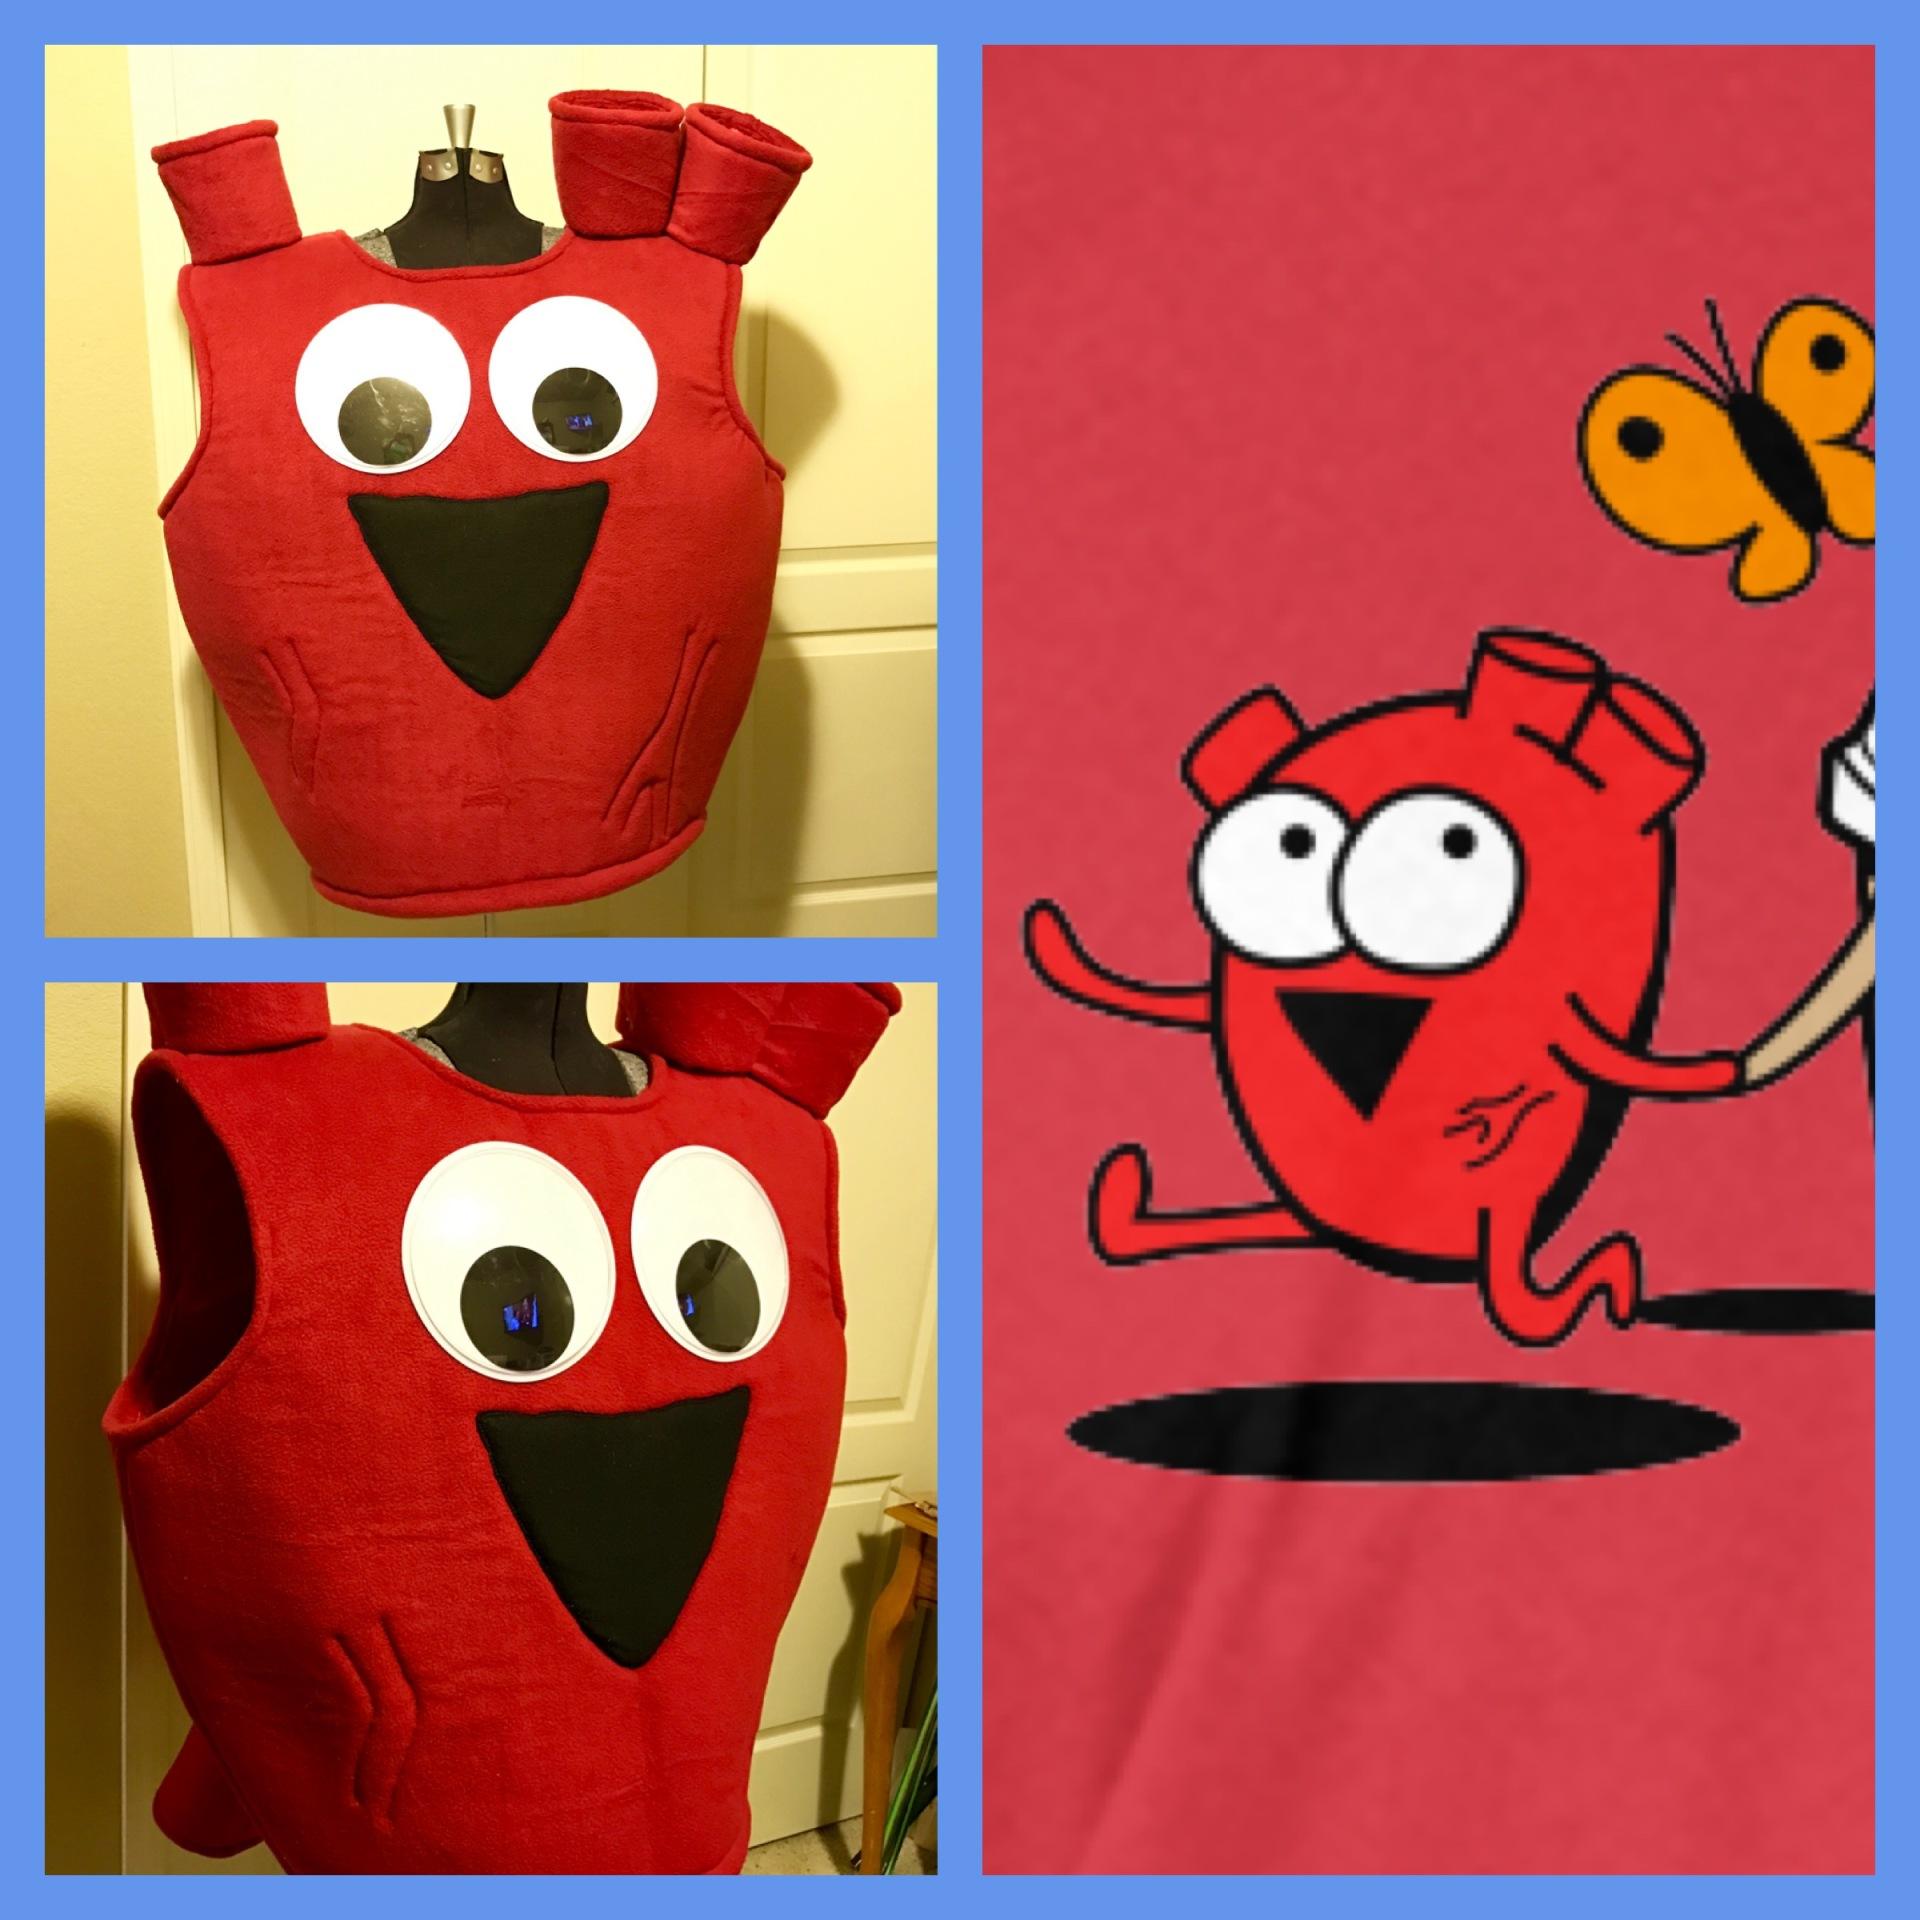 Heart Costume from The Awkward Yeti